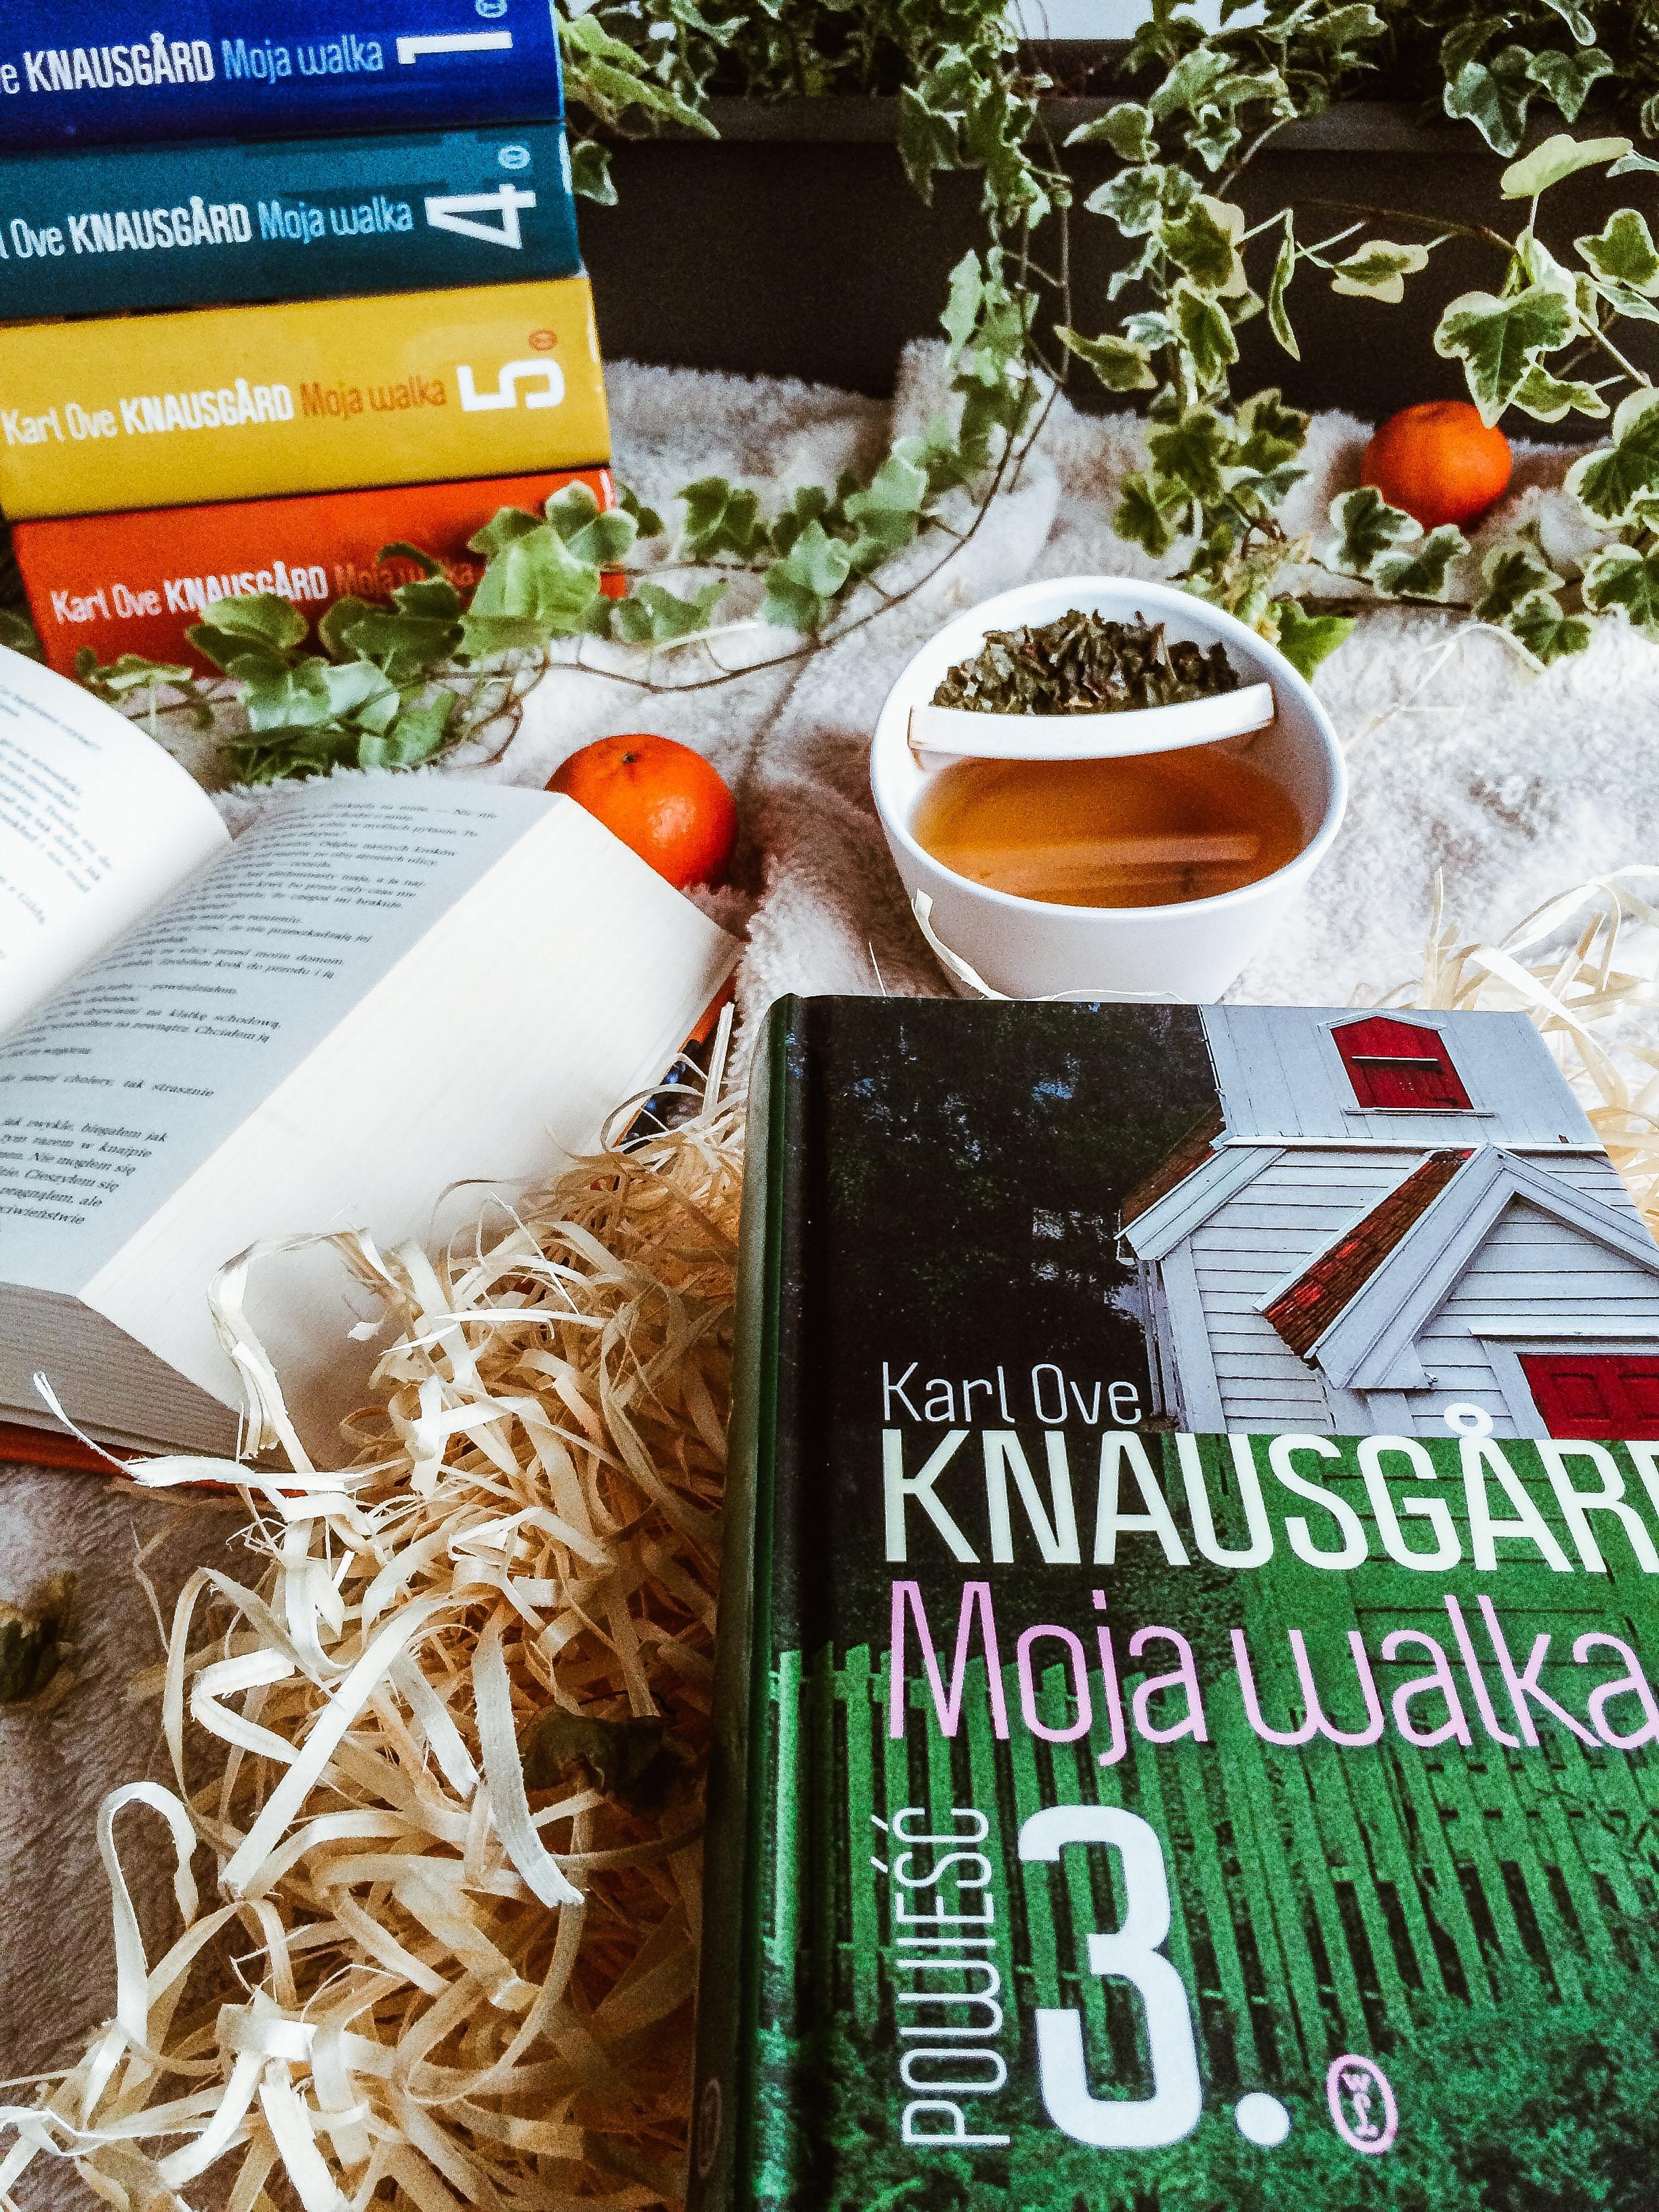 karl_ove_knausgard_moja_walka